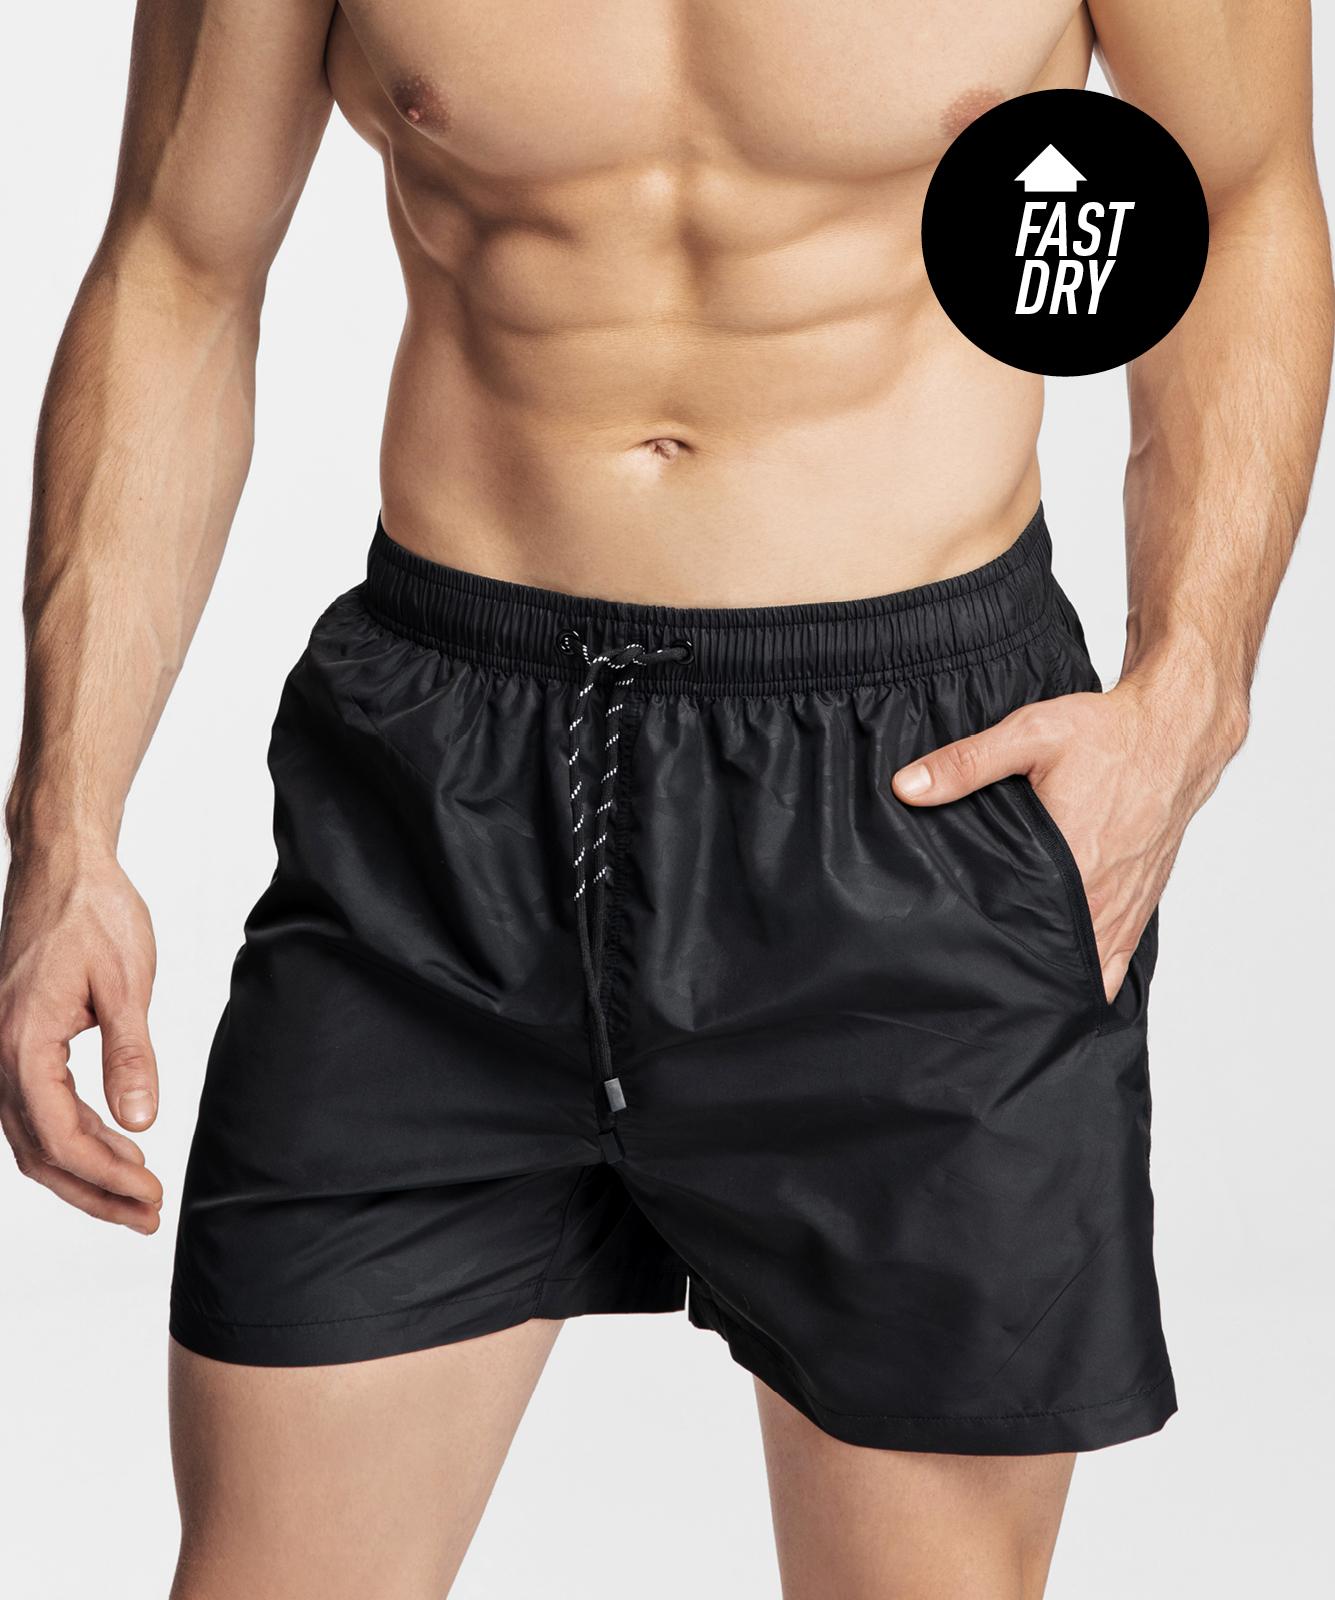 Пляжные шорты мужские Atlantic, 1 шт. в уп., полиэстер, черные, KMB-198